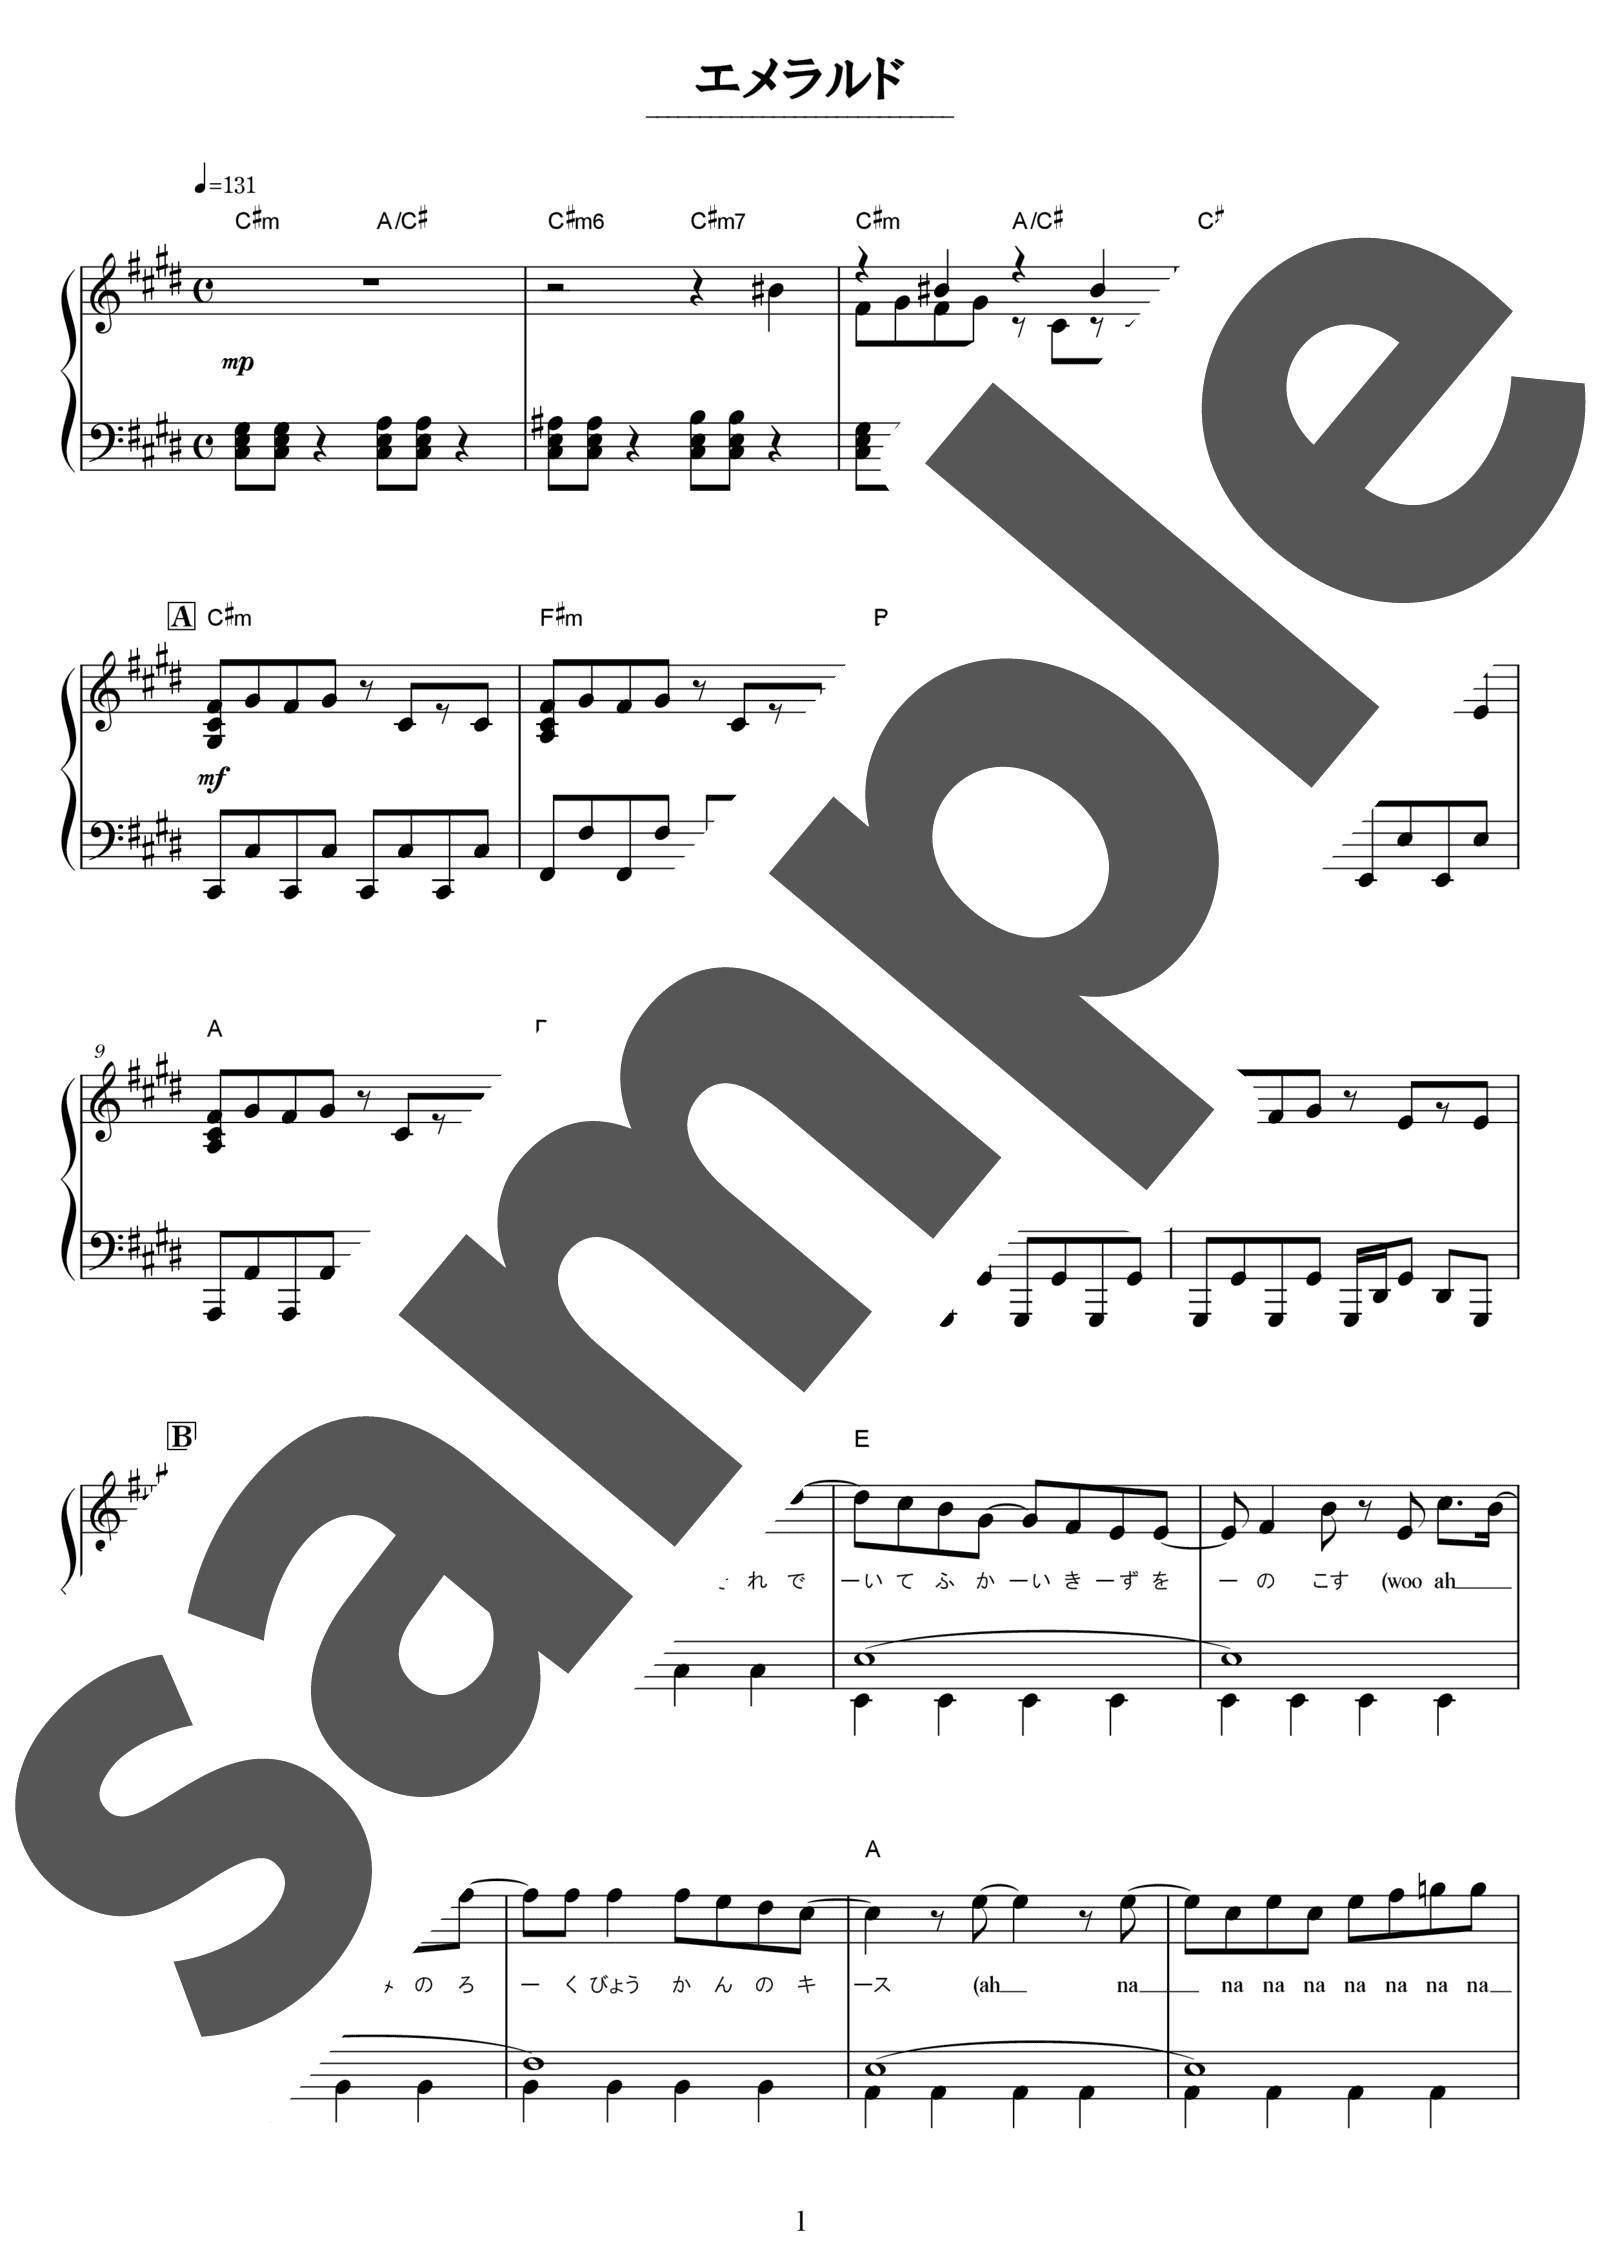 「エメラルド」のサンプル楽譜